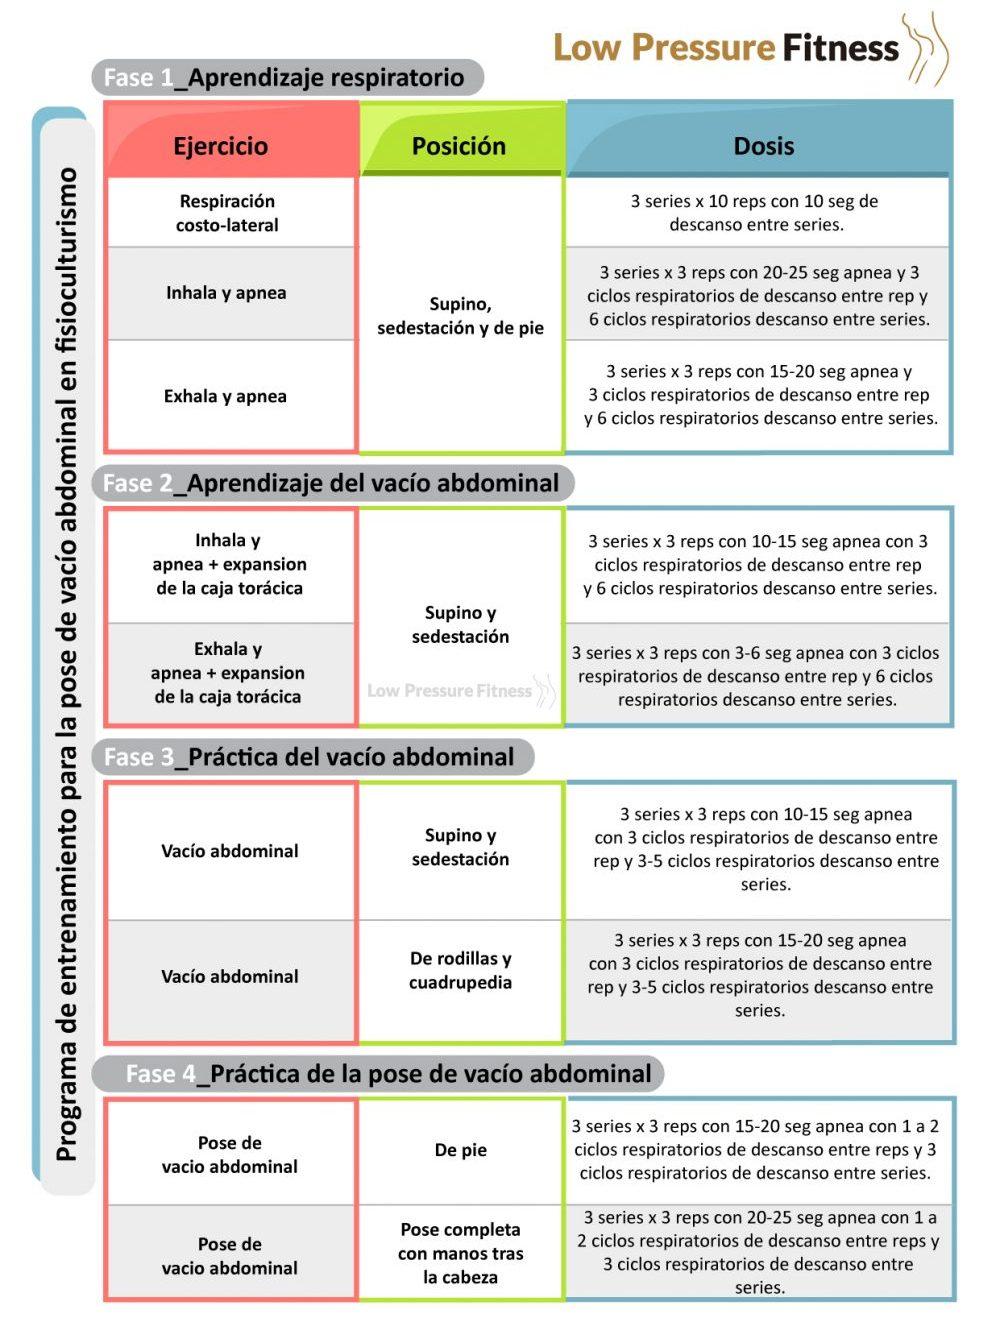 vacio-abdominal-lpf